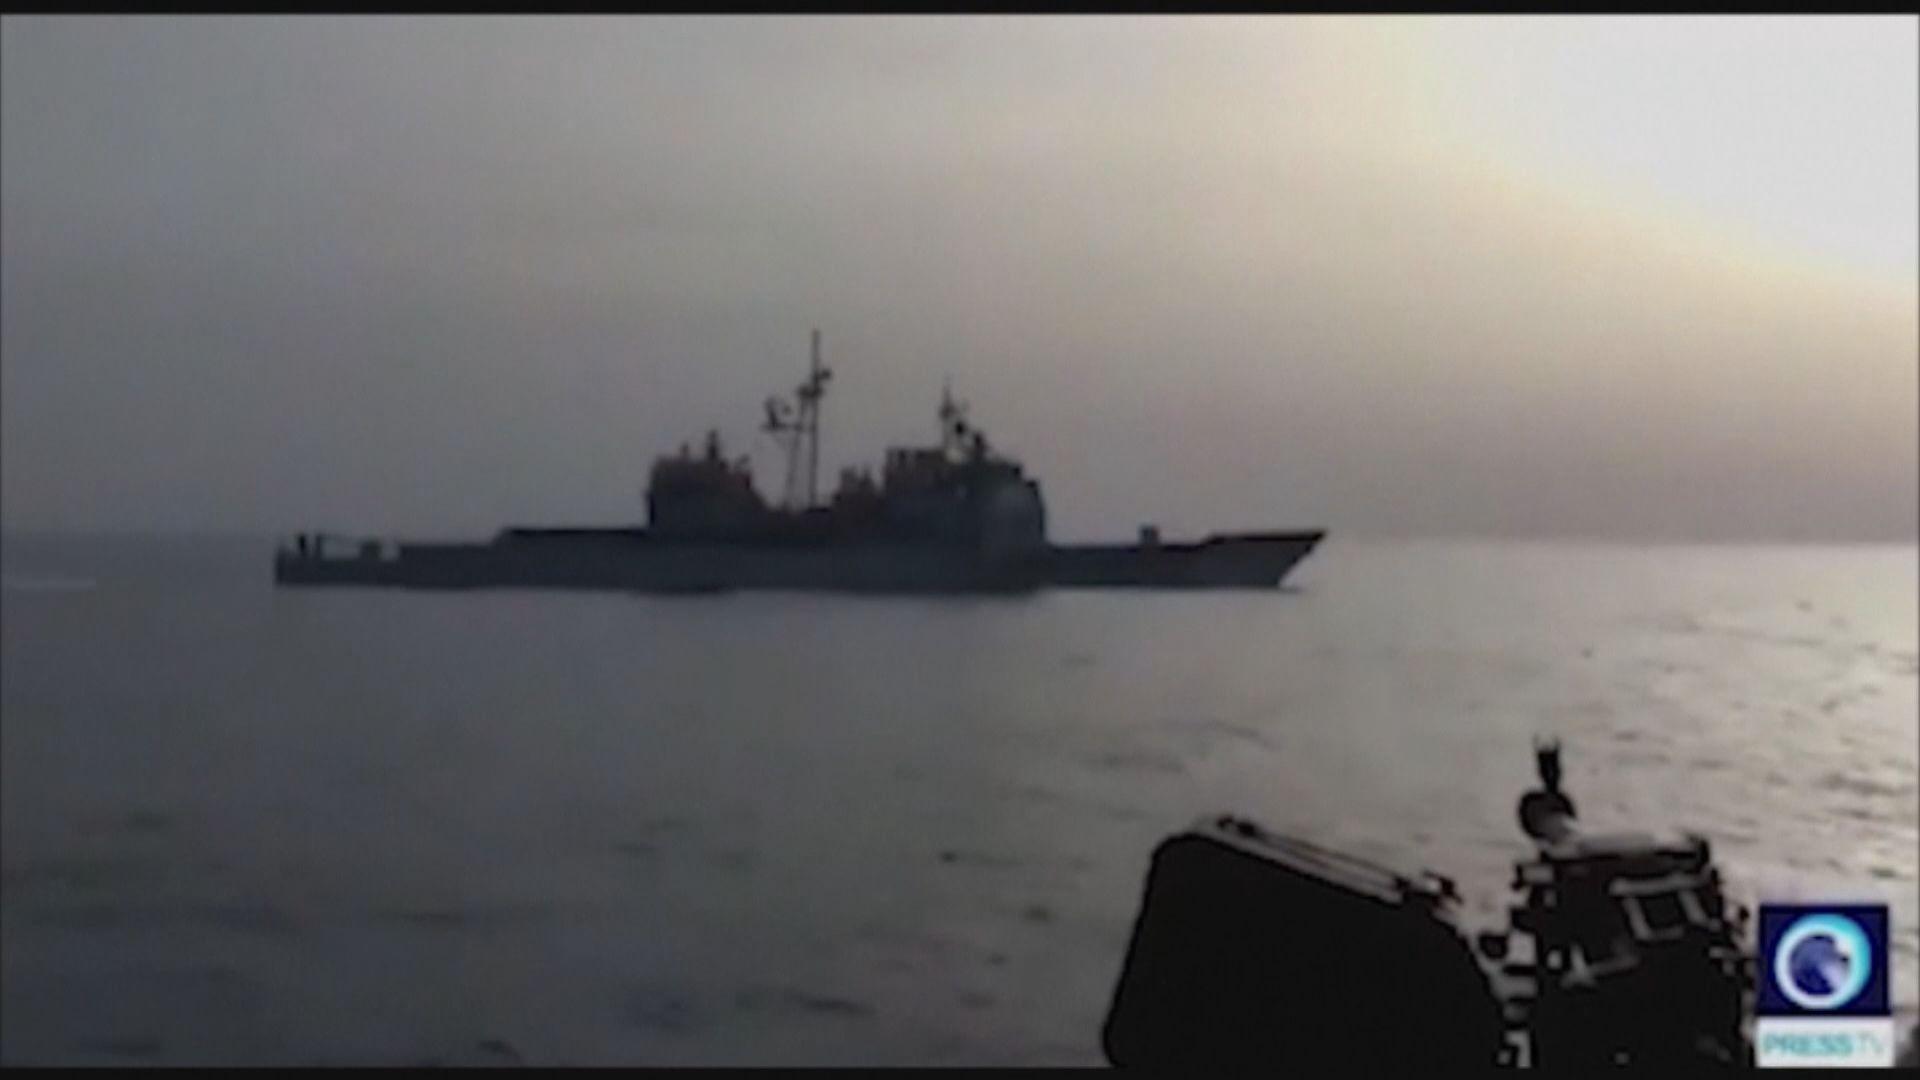 伊朗革命衛隊揚言擊毀美軍艦艇